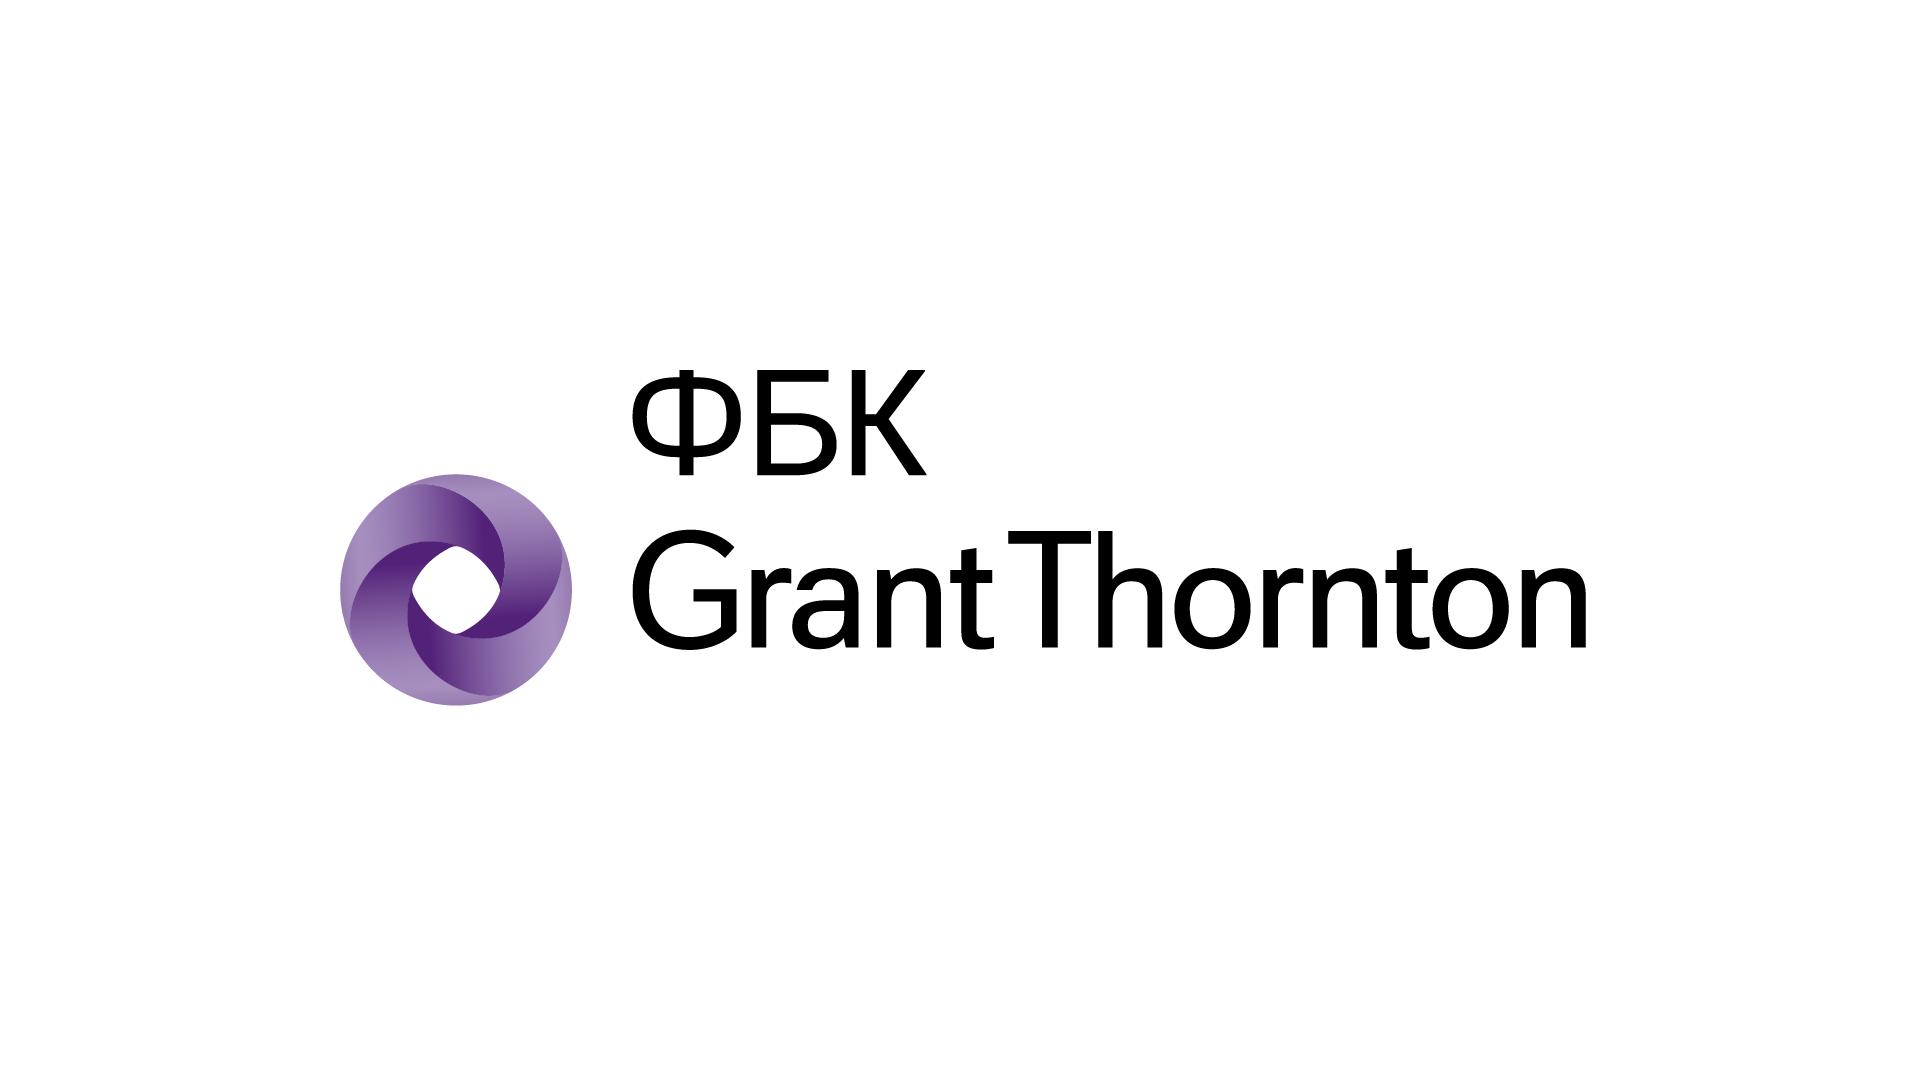 К партнерам клуба добряков присоединилась компания ФБК Grant Thornton